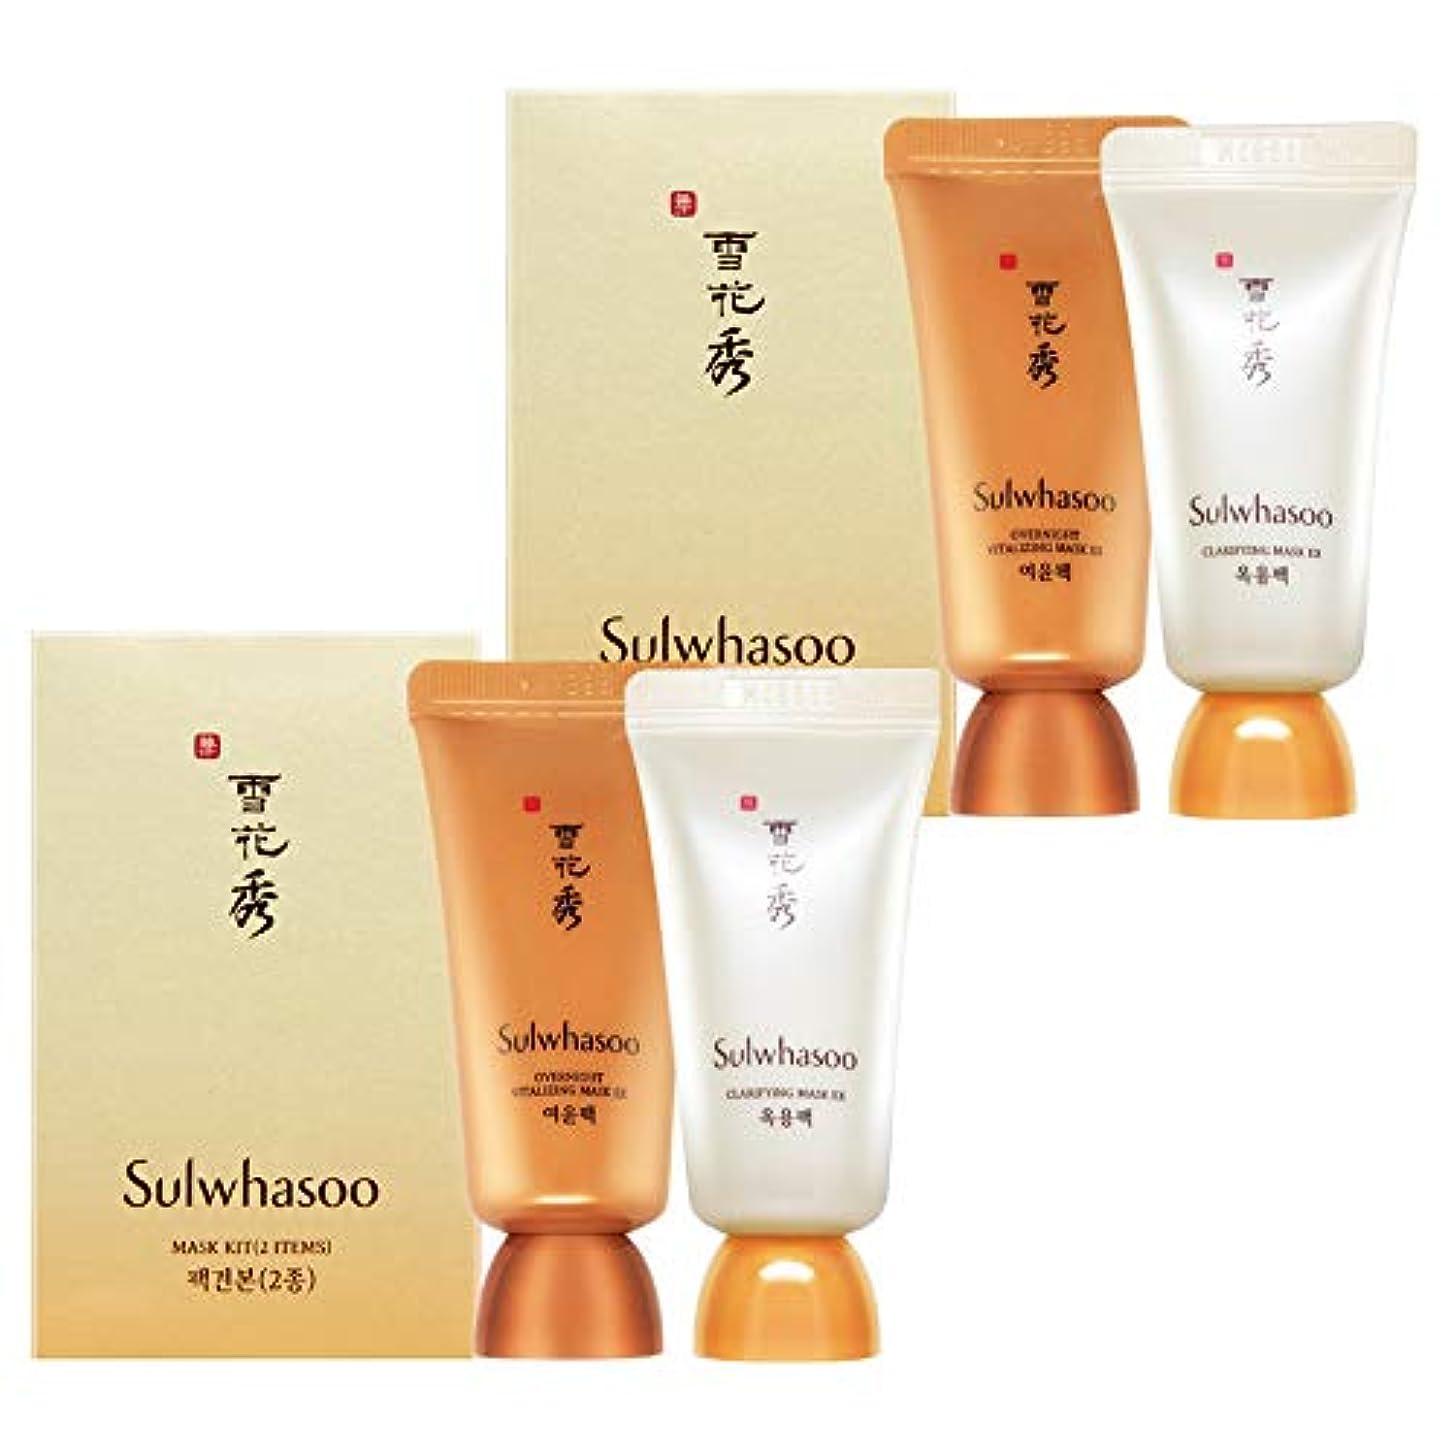 コマンド熟考する宇宙[Sulwhasoo] ソルファス オギョンパック ヨユンパック 15ml×2本×2箱(Mask Kit(2 Iteams) 1+1)